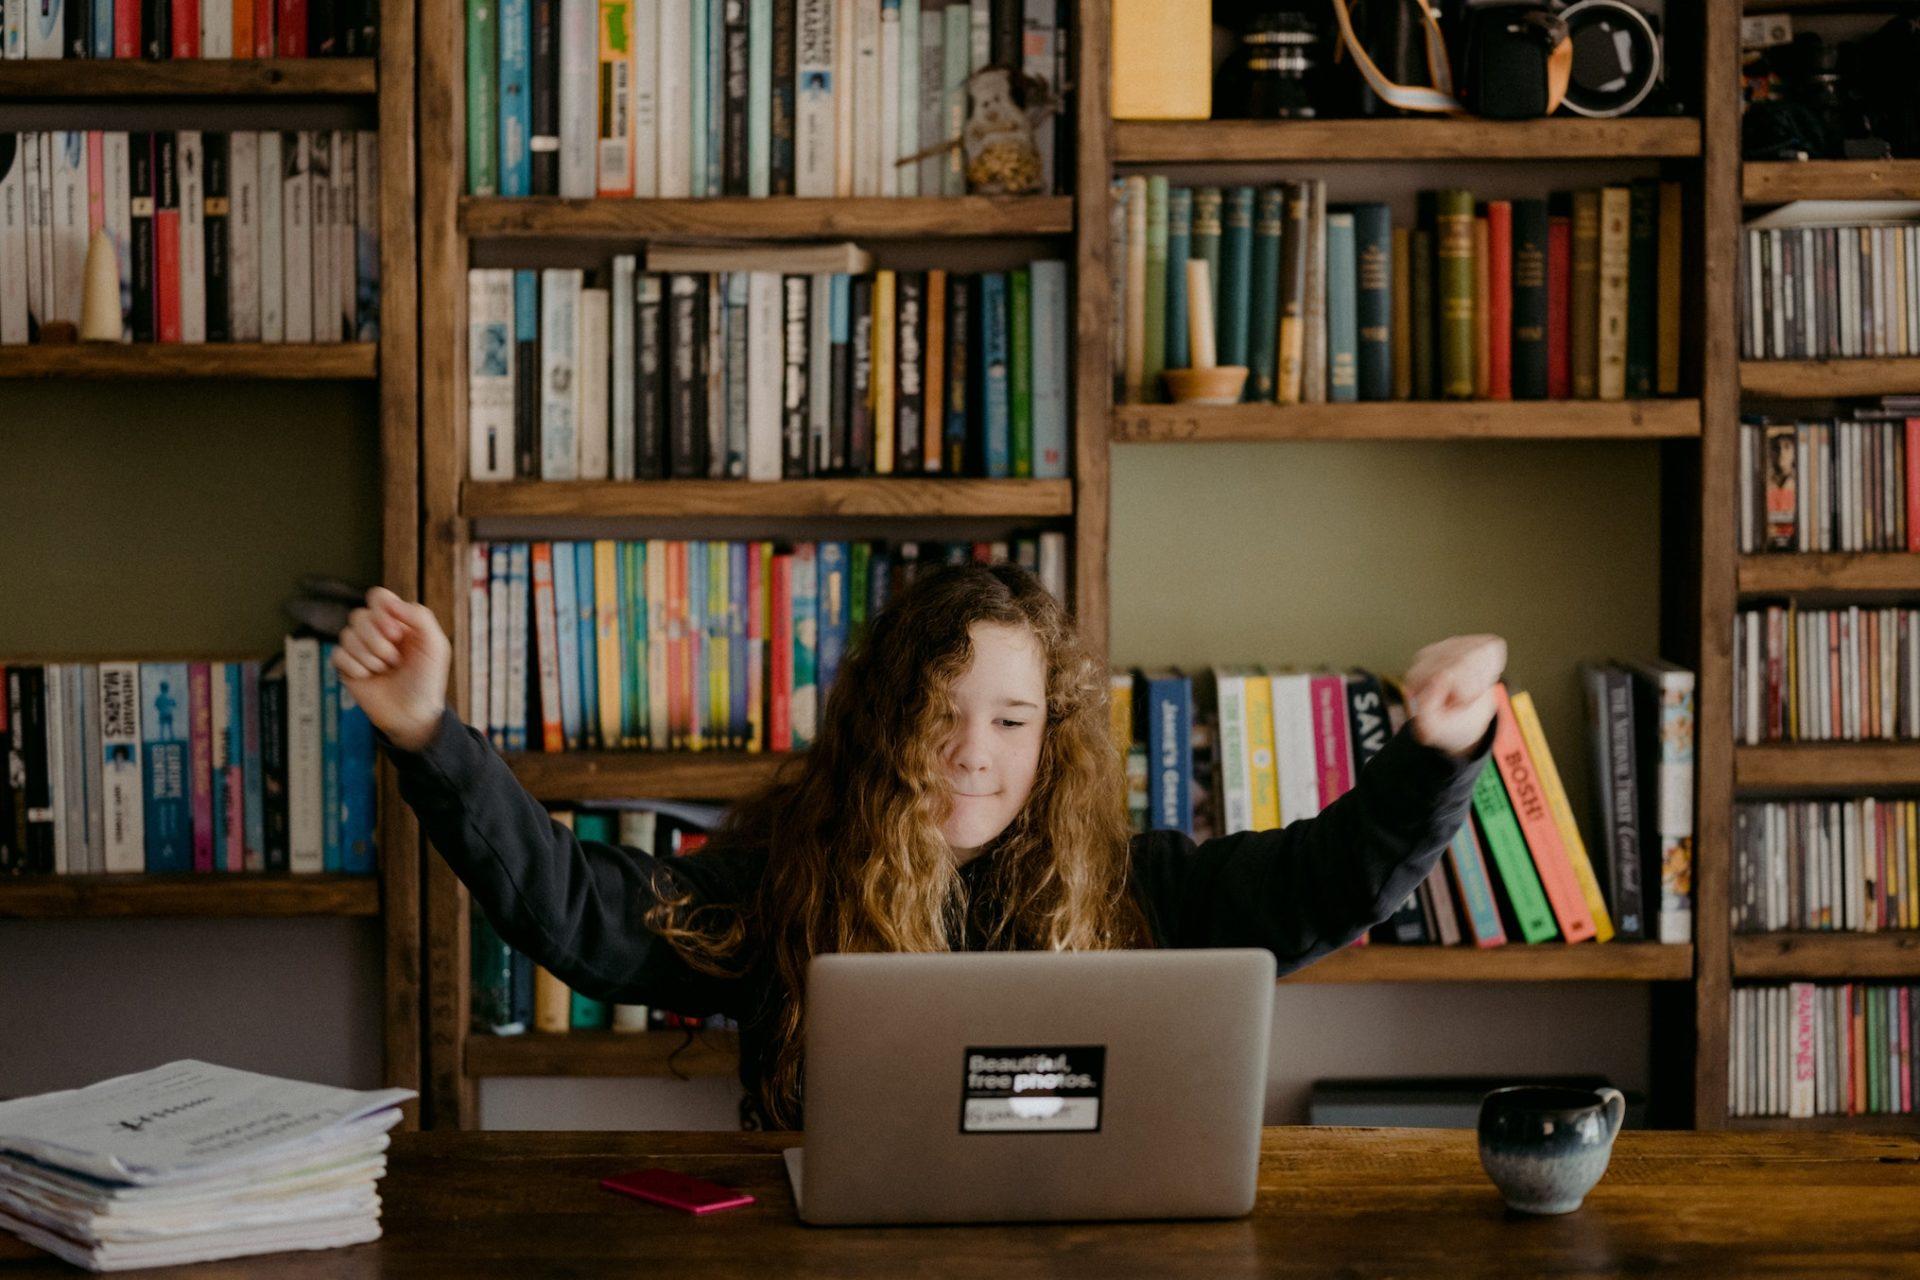 annie spratt 4 4WPFLVhAY unsplash - 7 gode råd til forældre: Sådan kan du motivere dit barn i hjemmeskolen